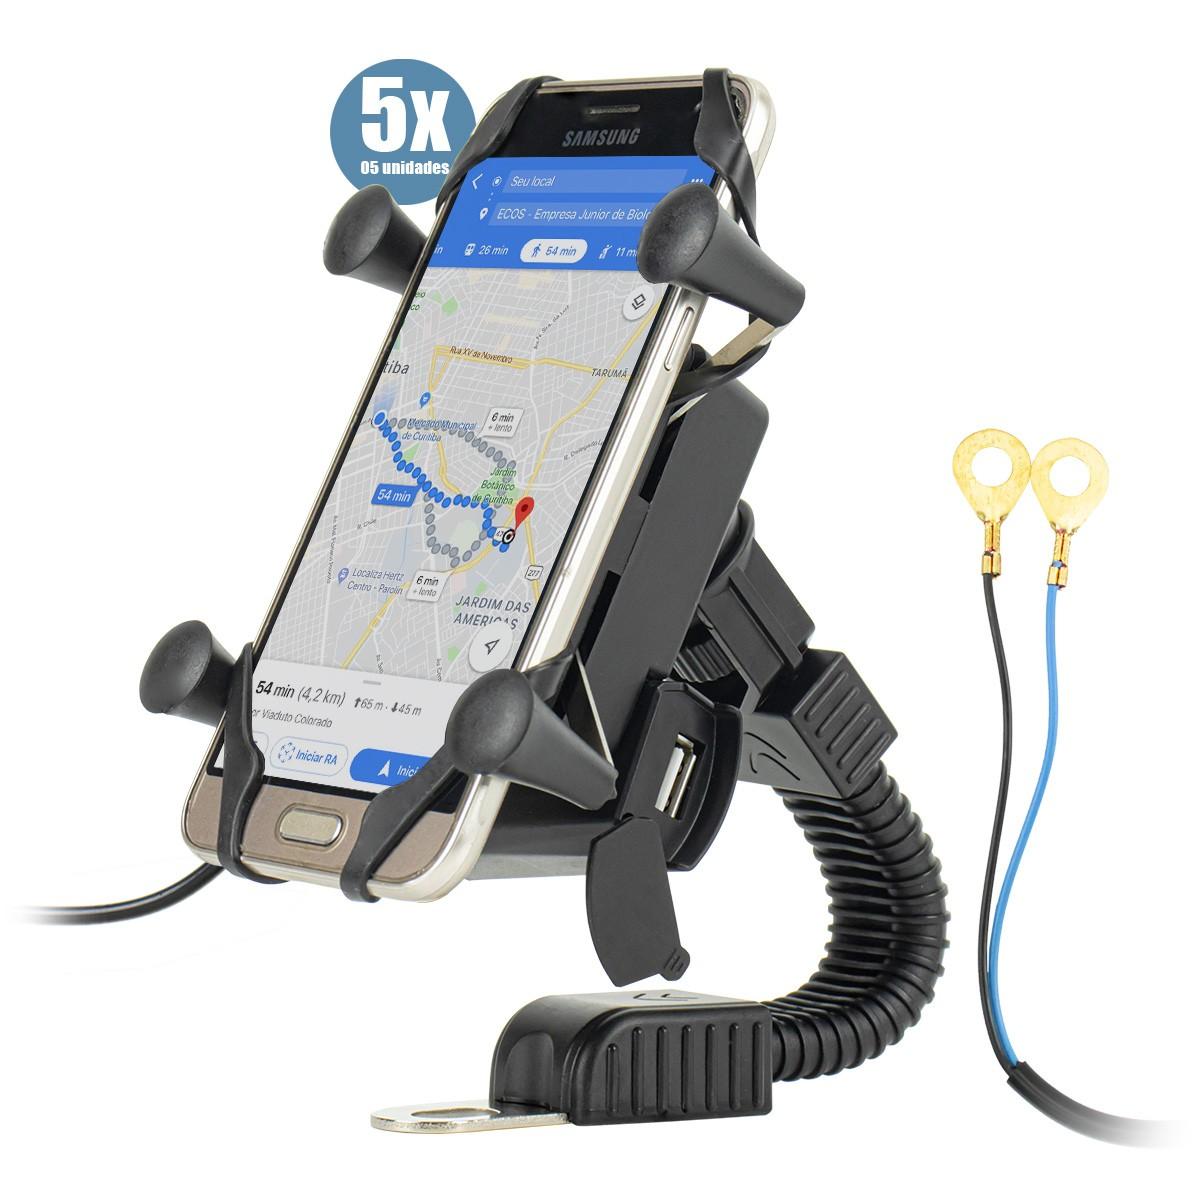 KIT 5x Suporte de Celular para Moto Retrovisor com Carregador IT-Blue LE-041